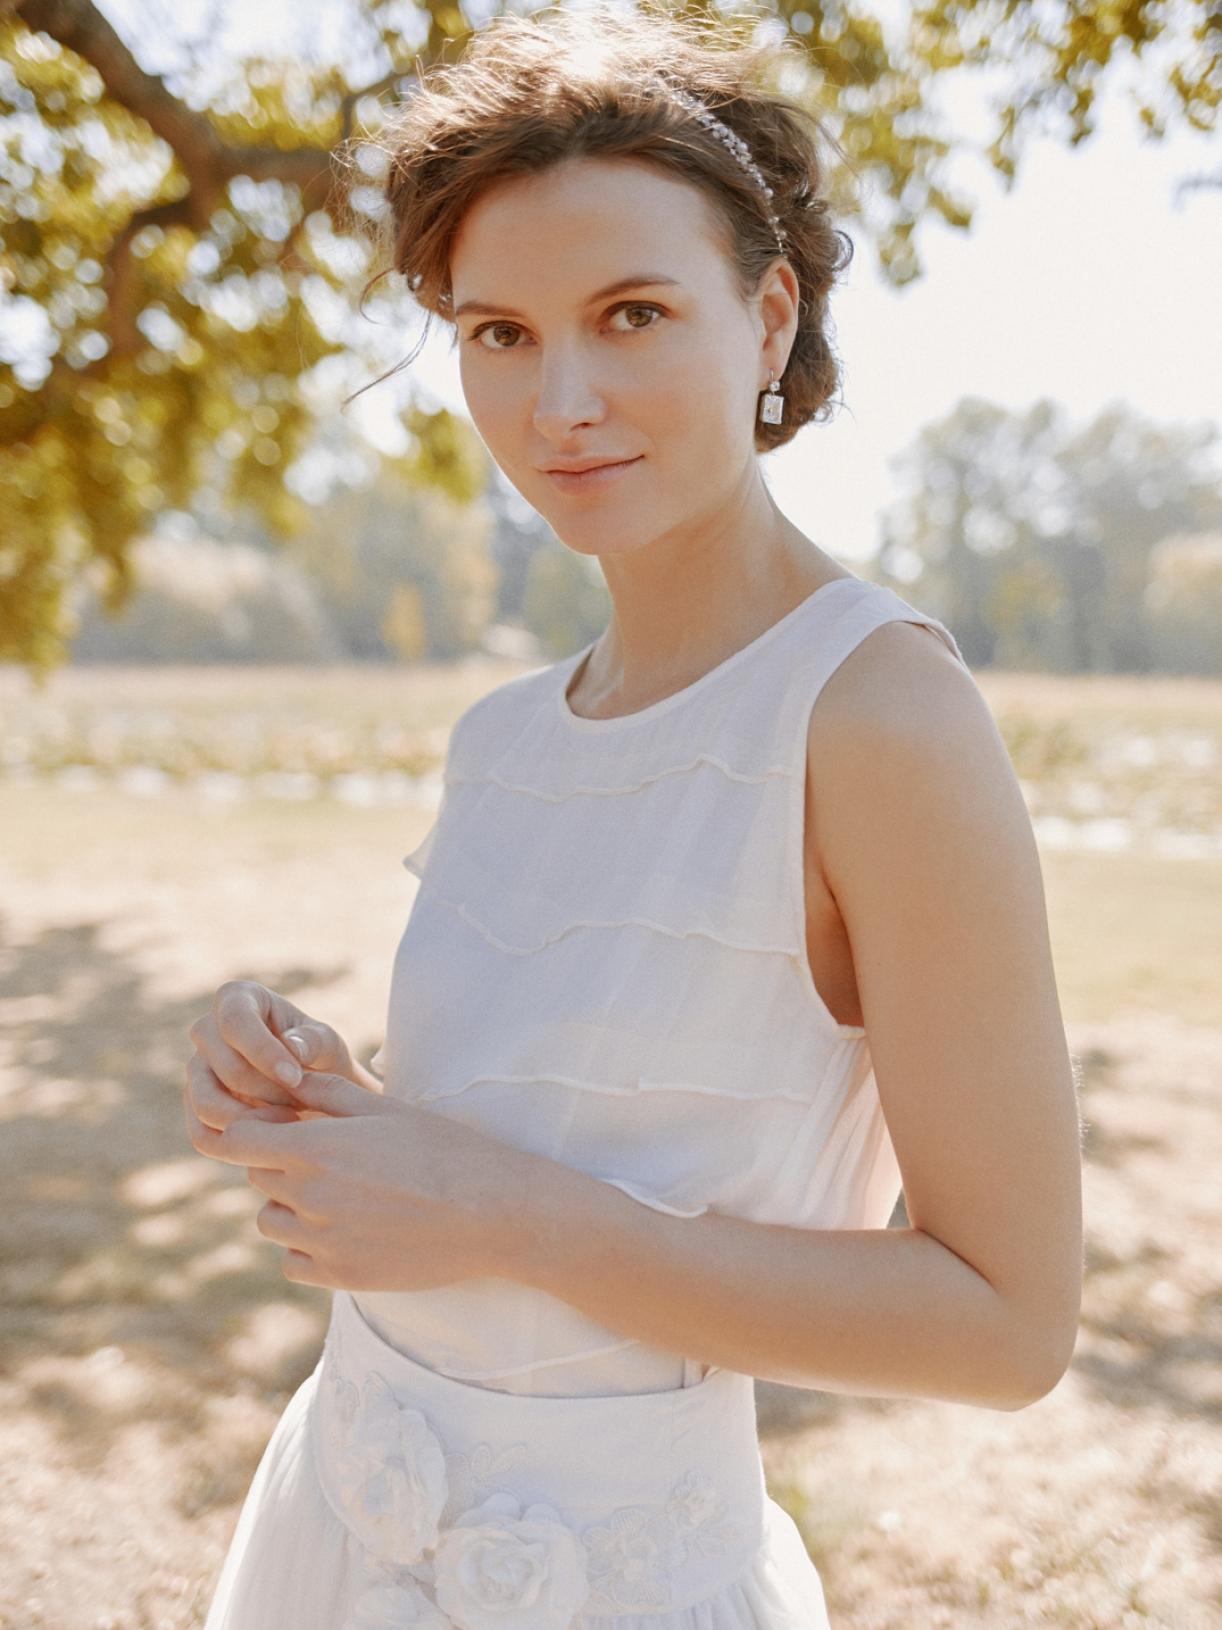 FAUSTINE - Blouse de mariée courte créateur et sur-mesure pas cher a Paris - Myphilosophy